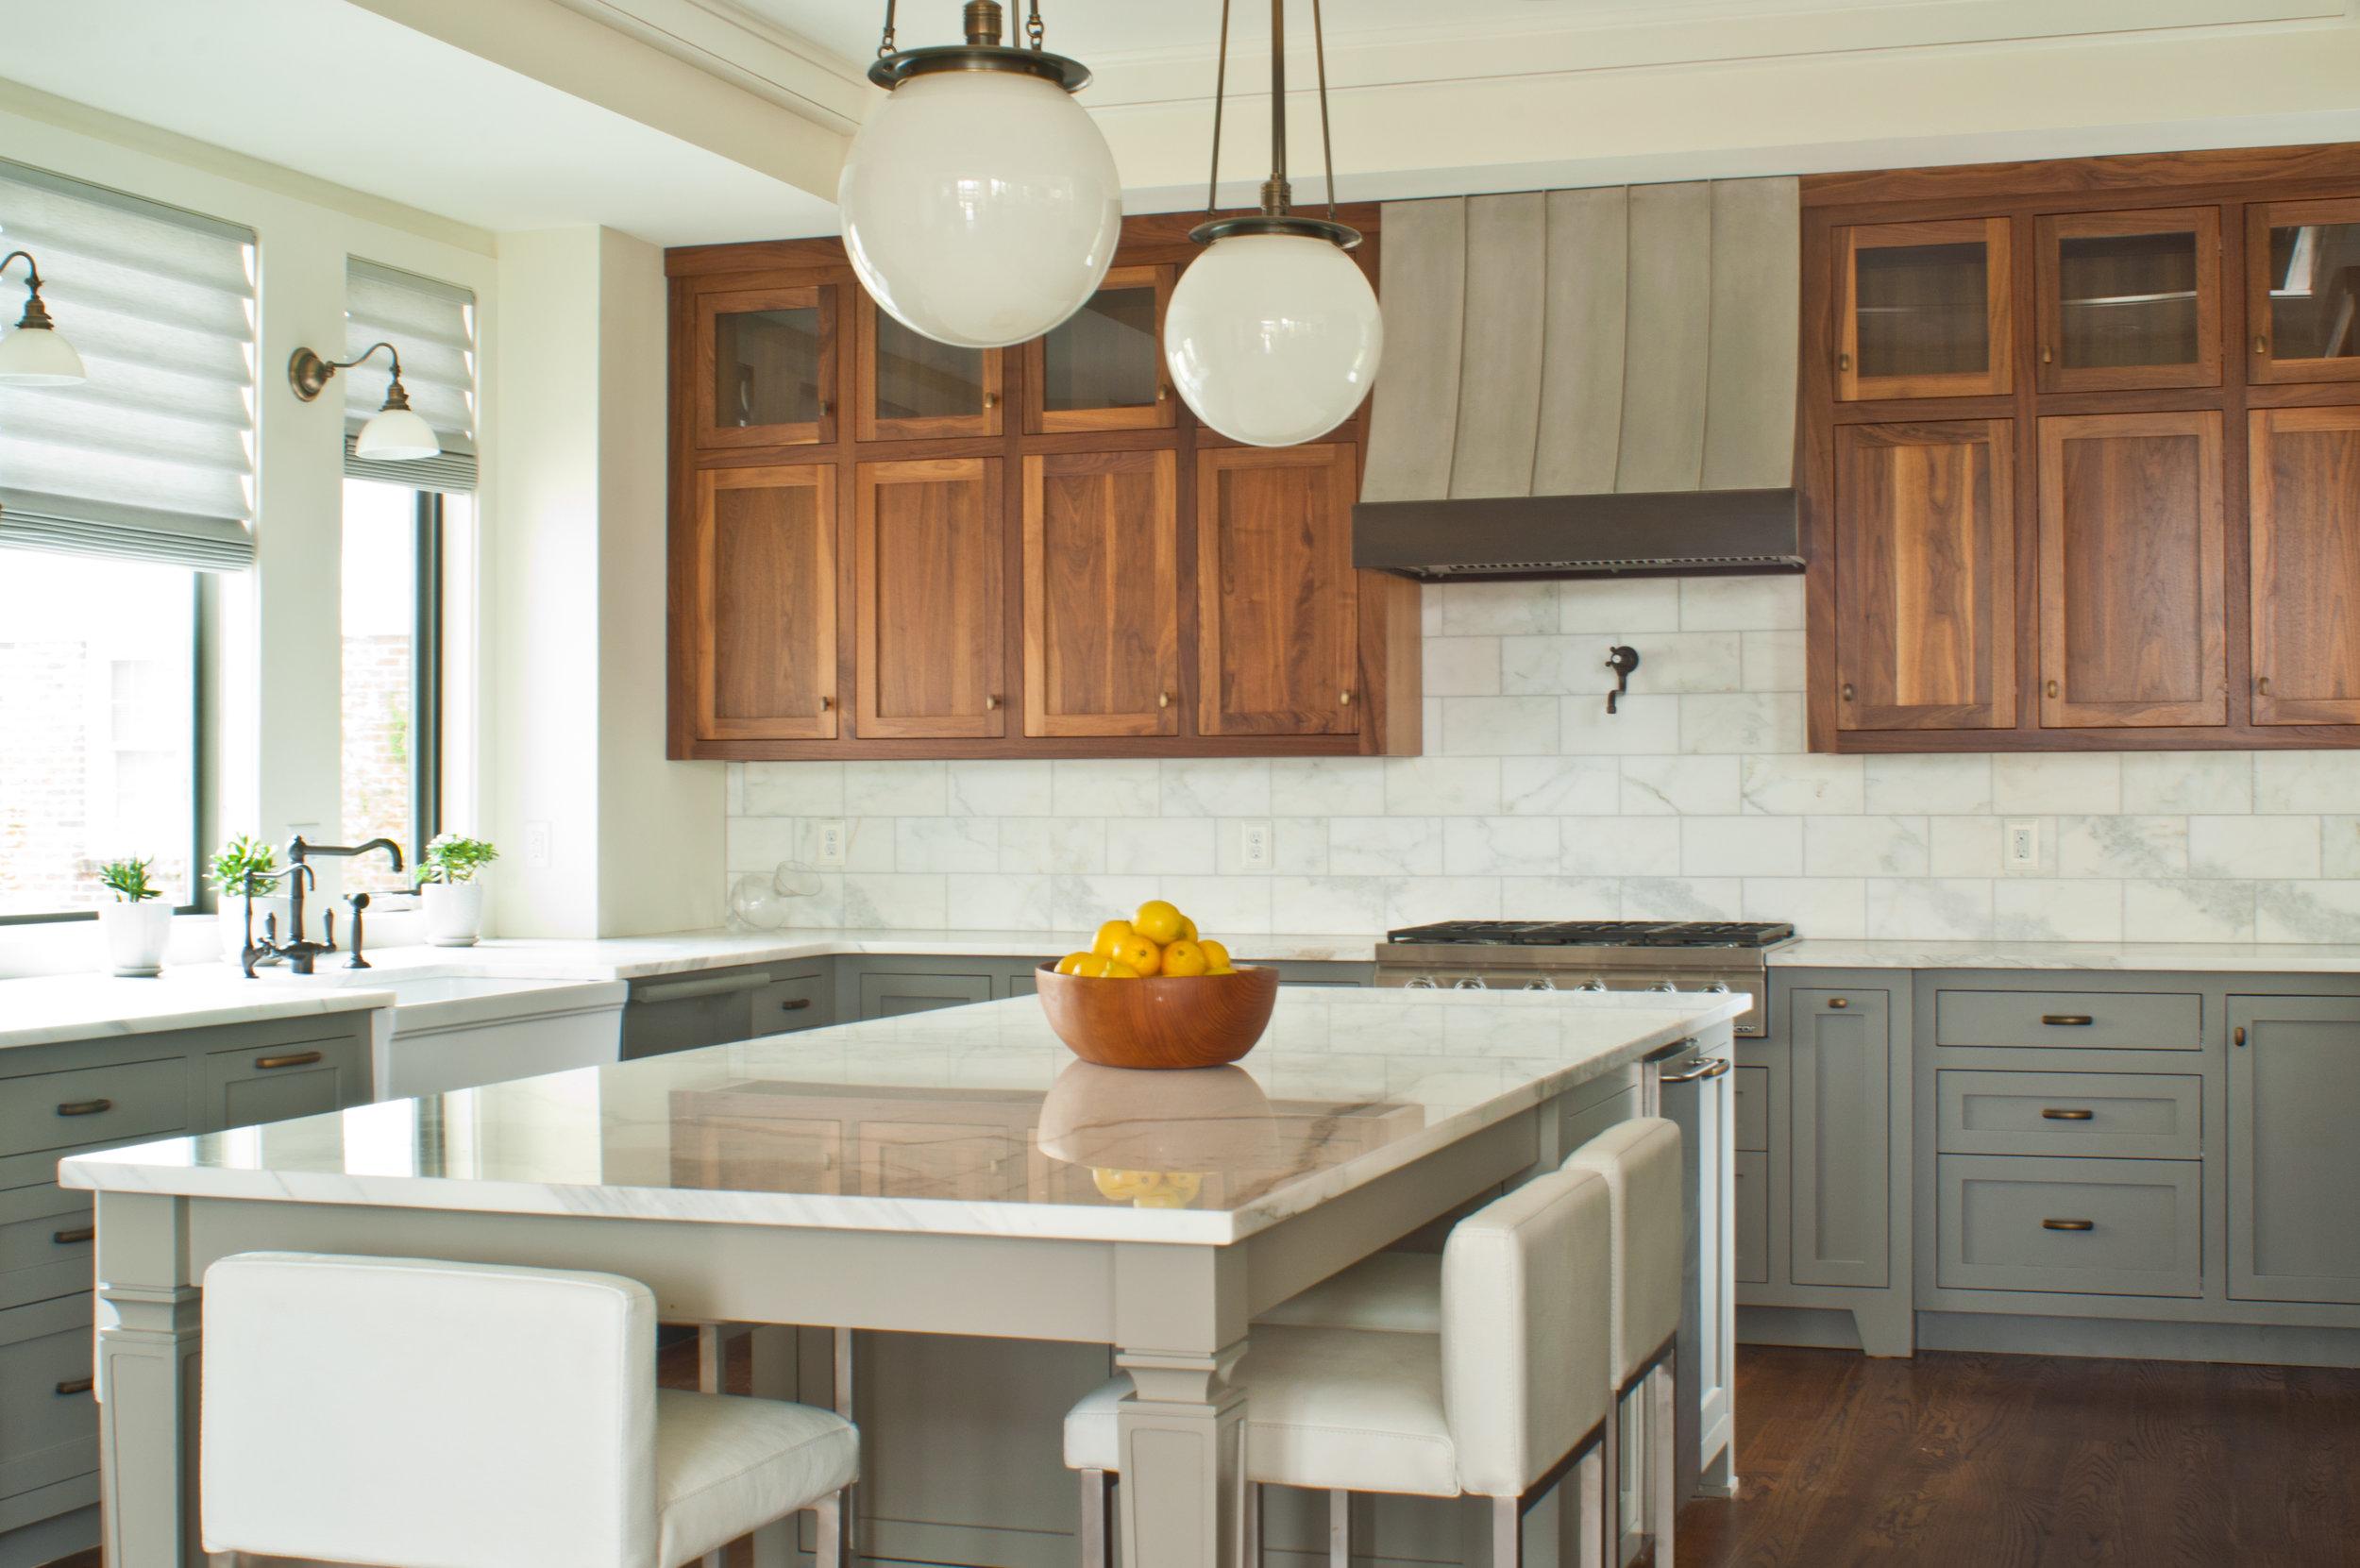 Transitional+Belmont+Kitchen+3.jpg